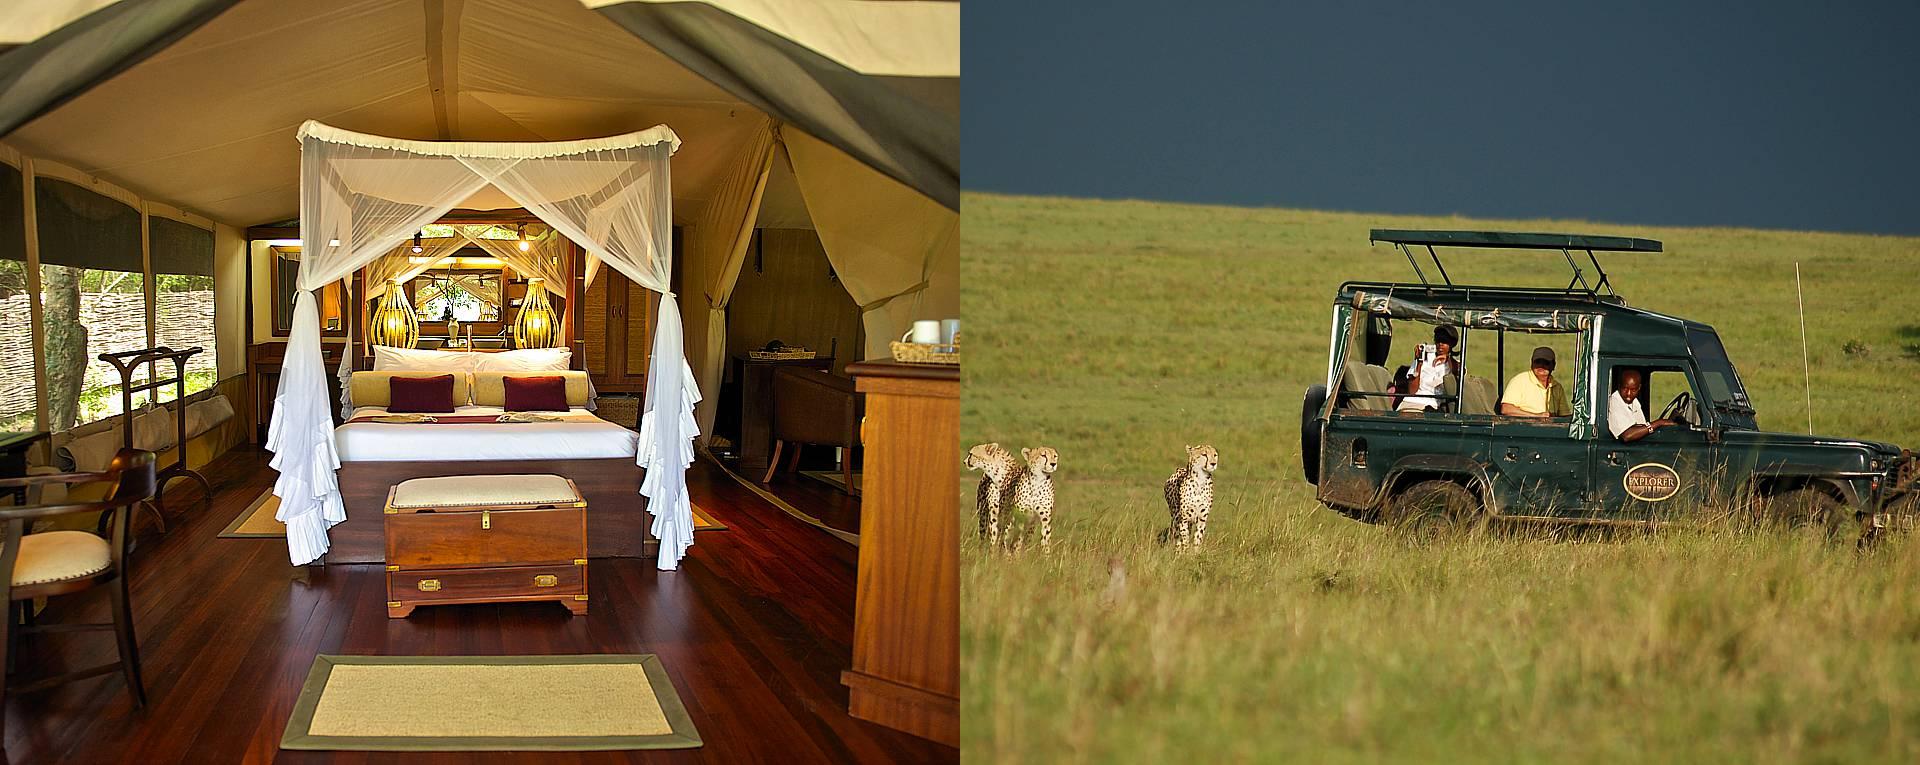 Expert Rating Reviews >> Mara Intrepids Camp, Masai Mara - Kenya - AfricanMecca Safaris & Tours